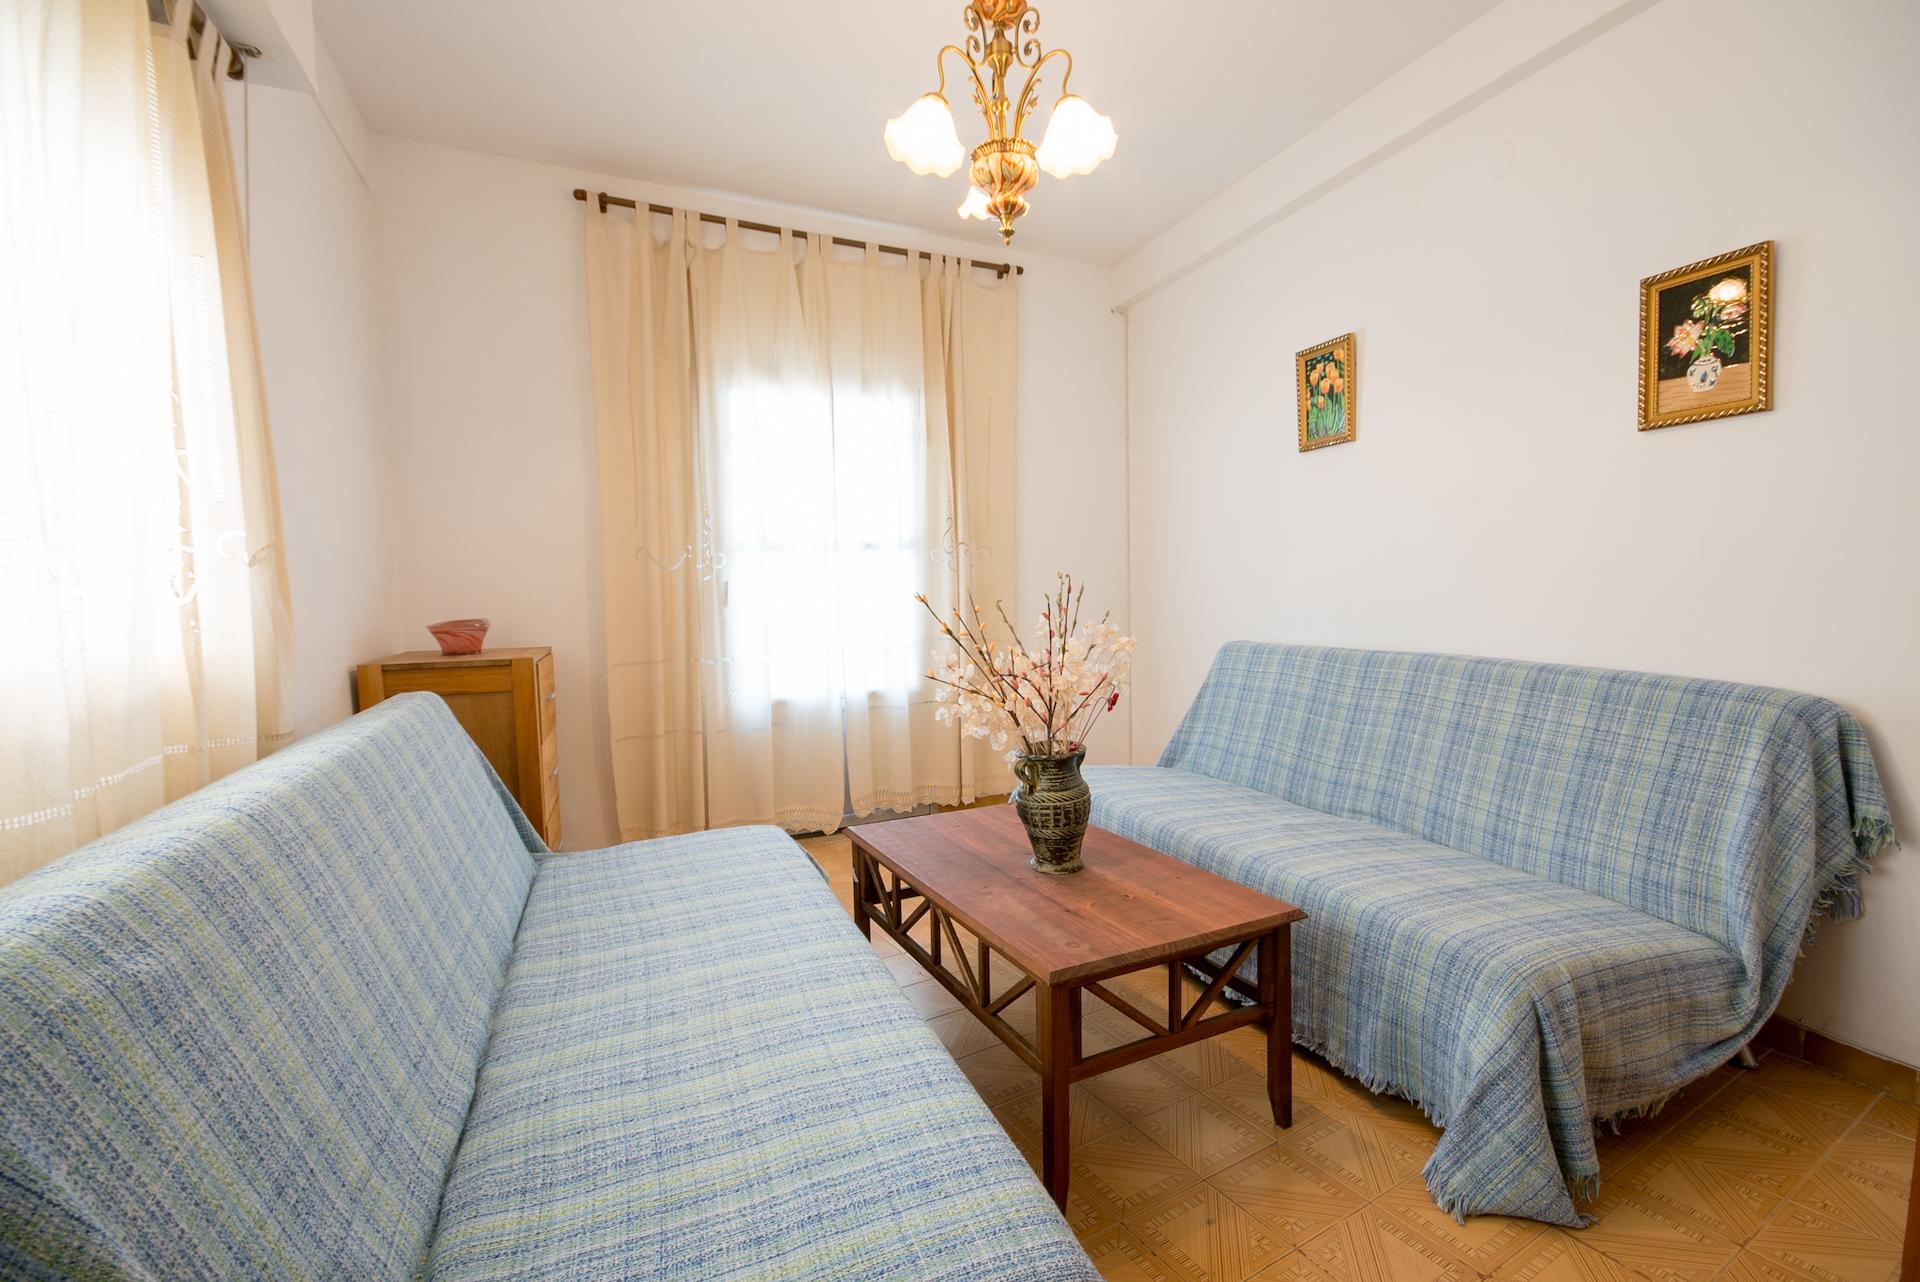 Benafer - Casa Paco - Salón con 2 sofá-cama